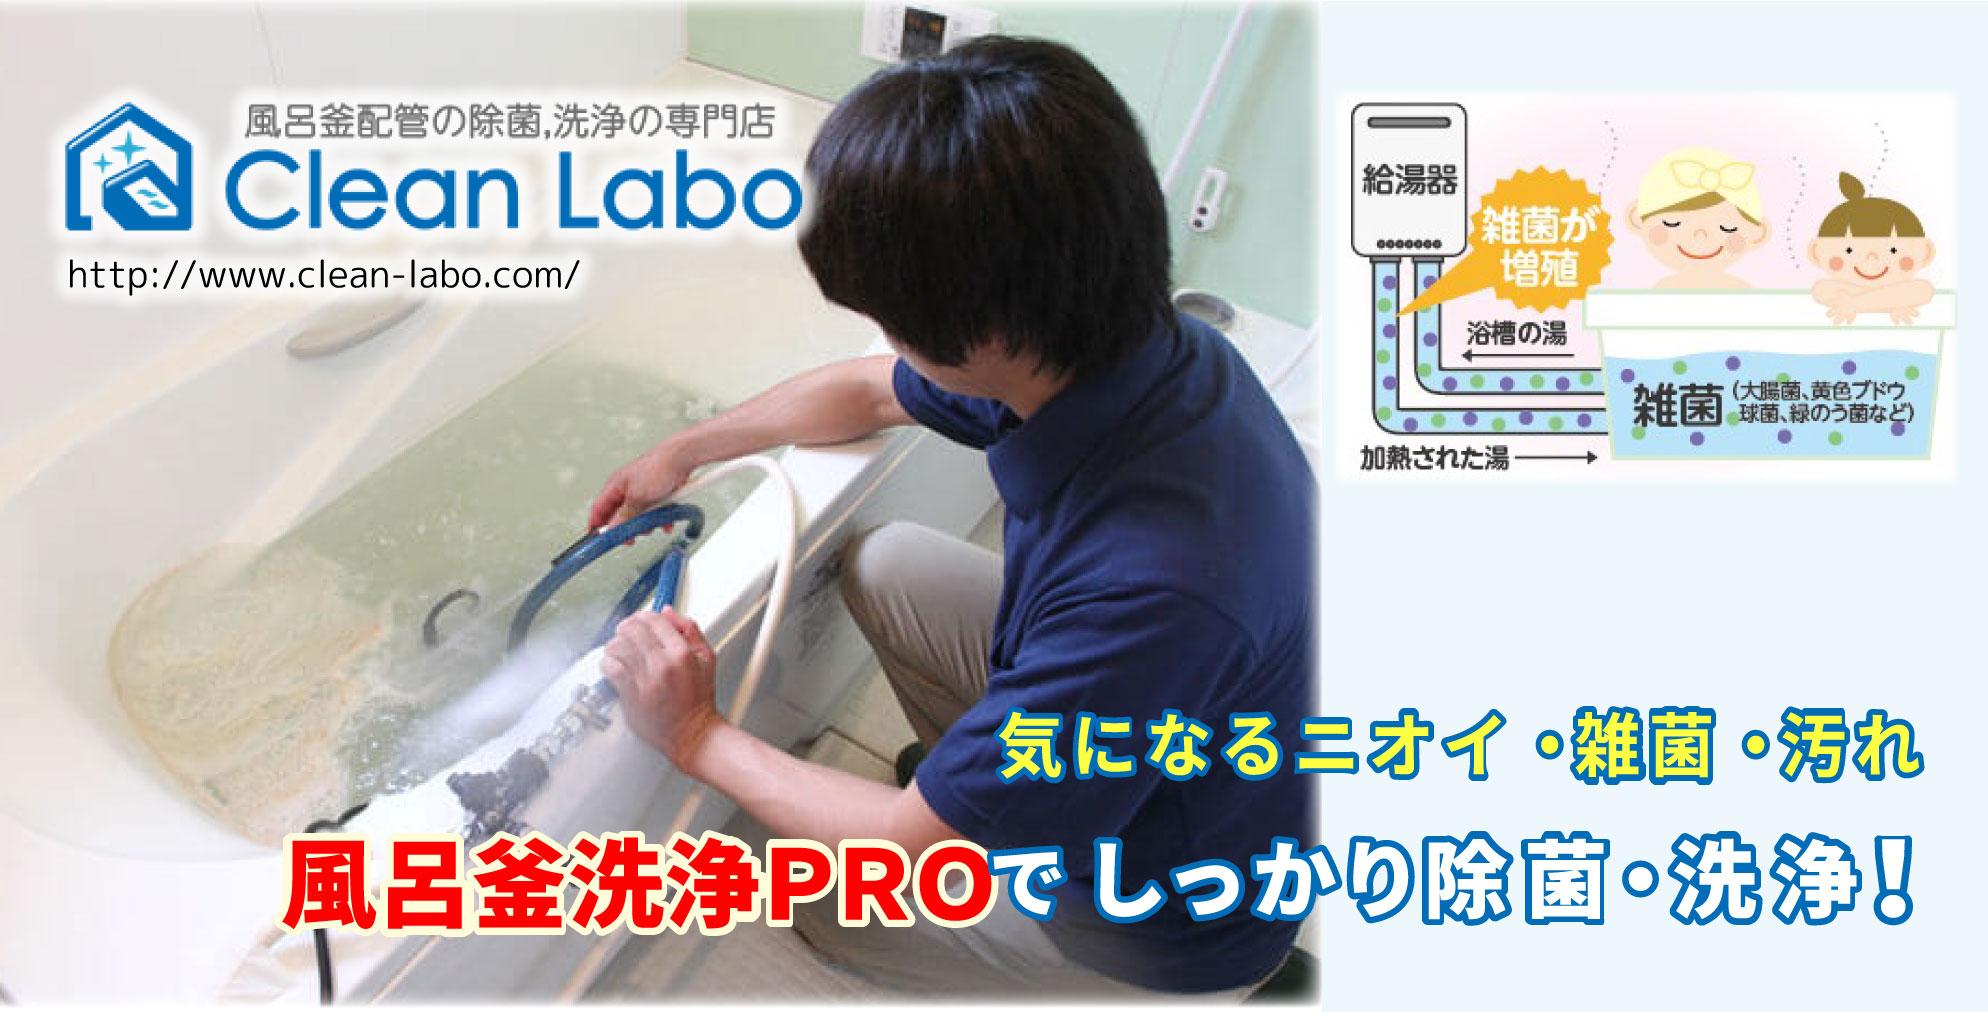 風呂釜洗浄のイメージ